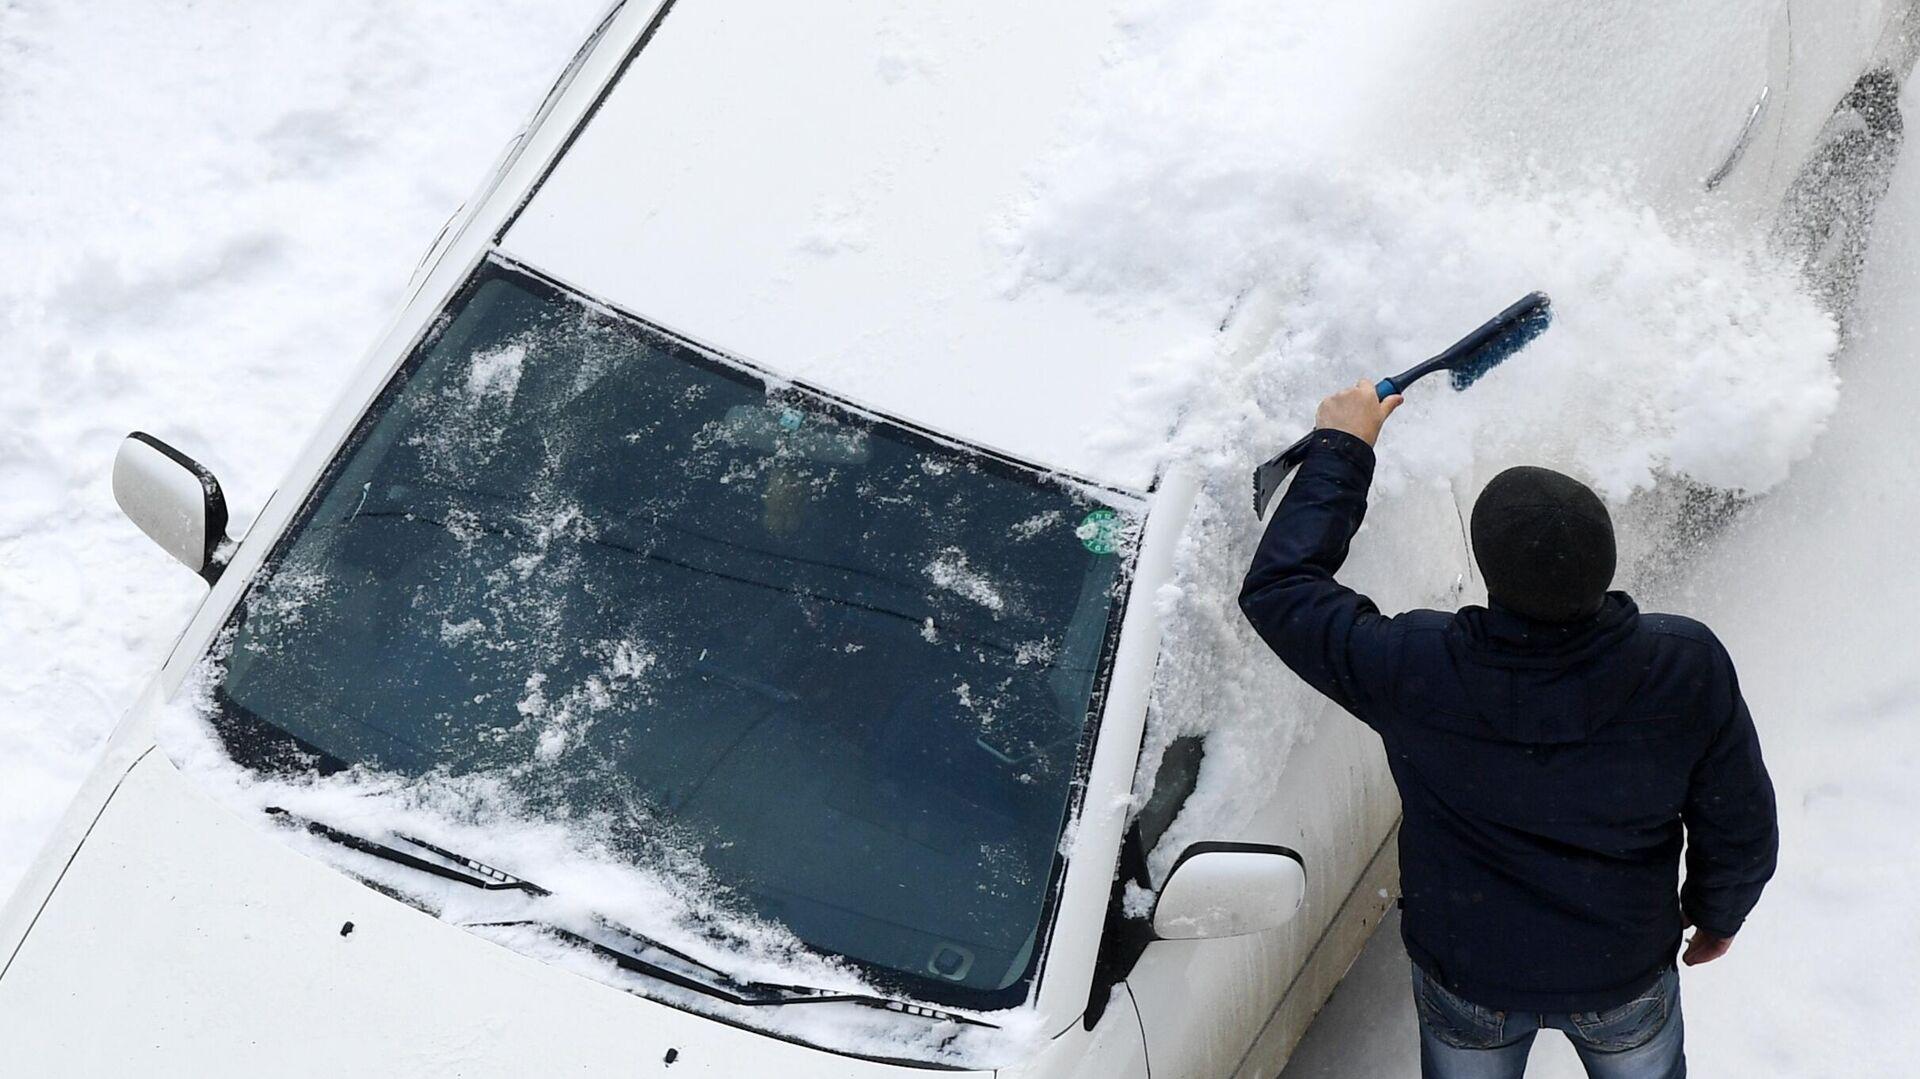 Мужчина сметает снег с машины - РИА Новости, 1920, 20.11.2020